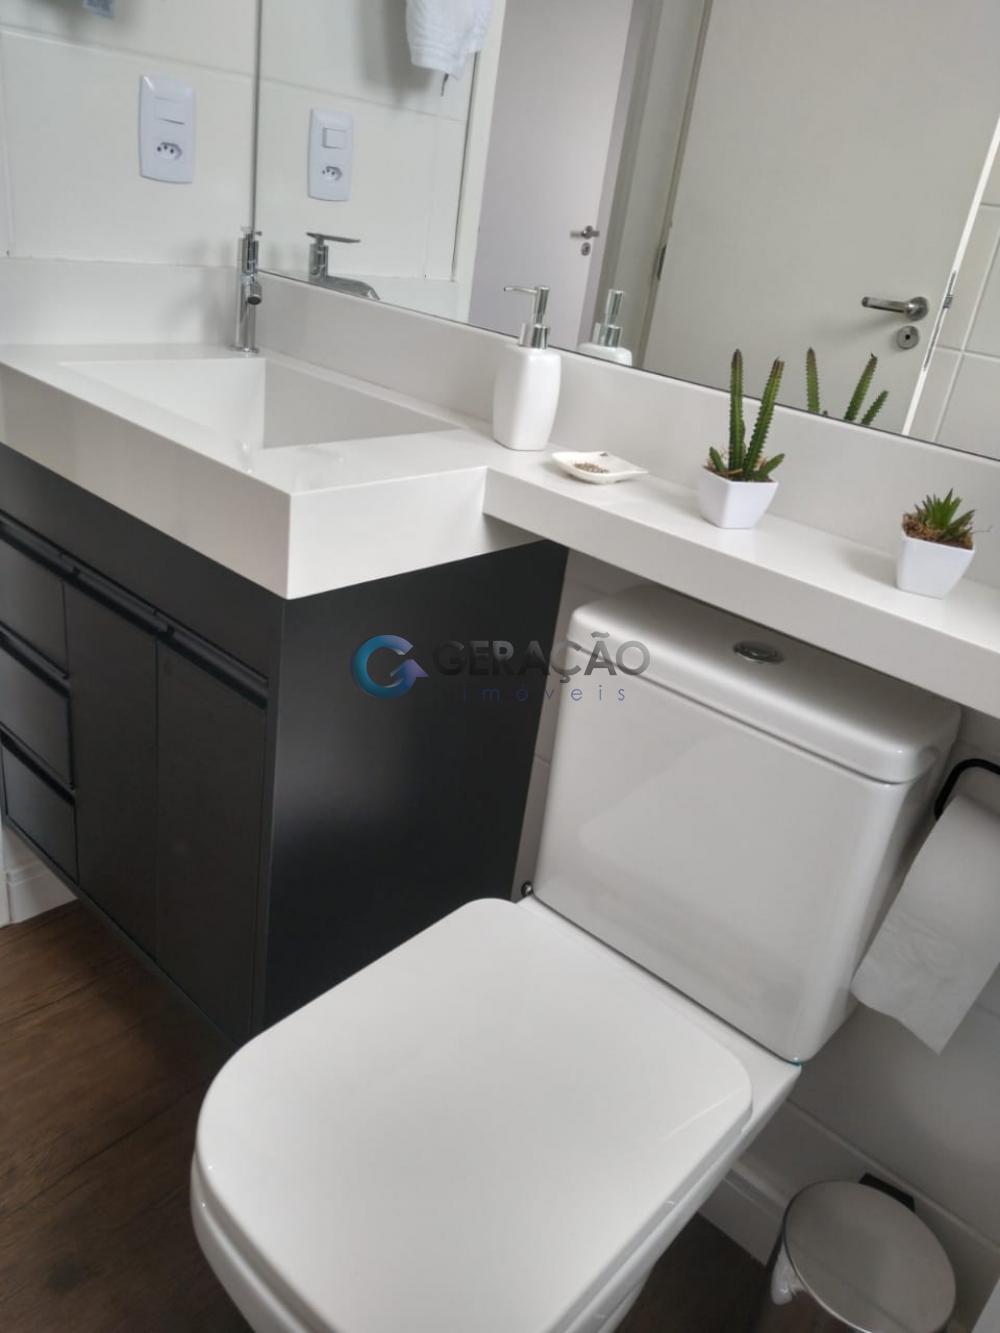 Comprar Apartamento / Padrão em São José dos Campos apenas R$ 293.000,00 - Foto 12